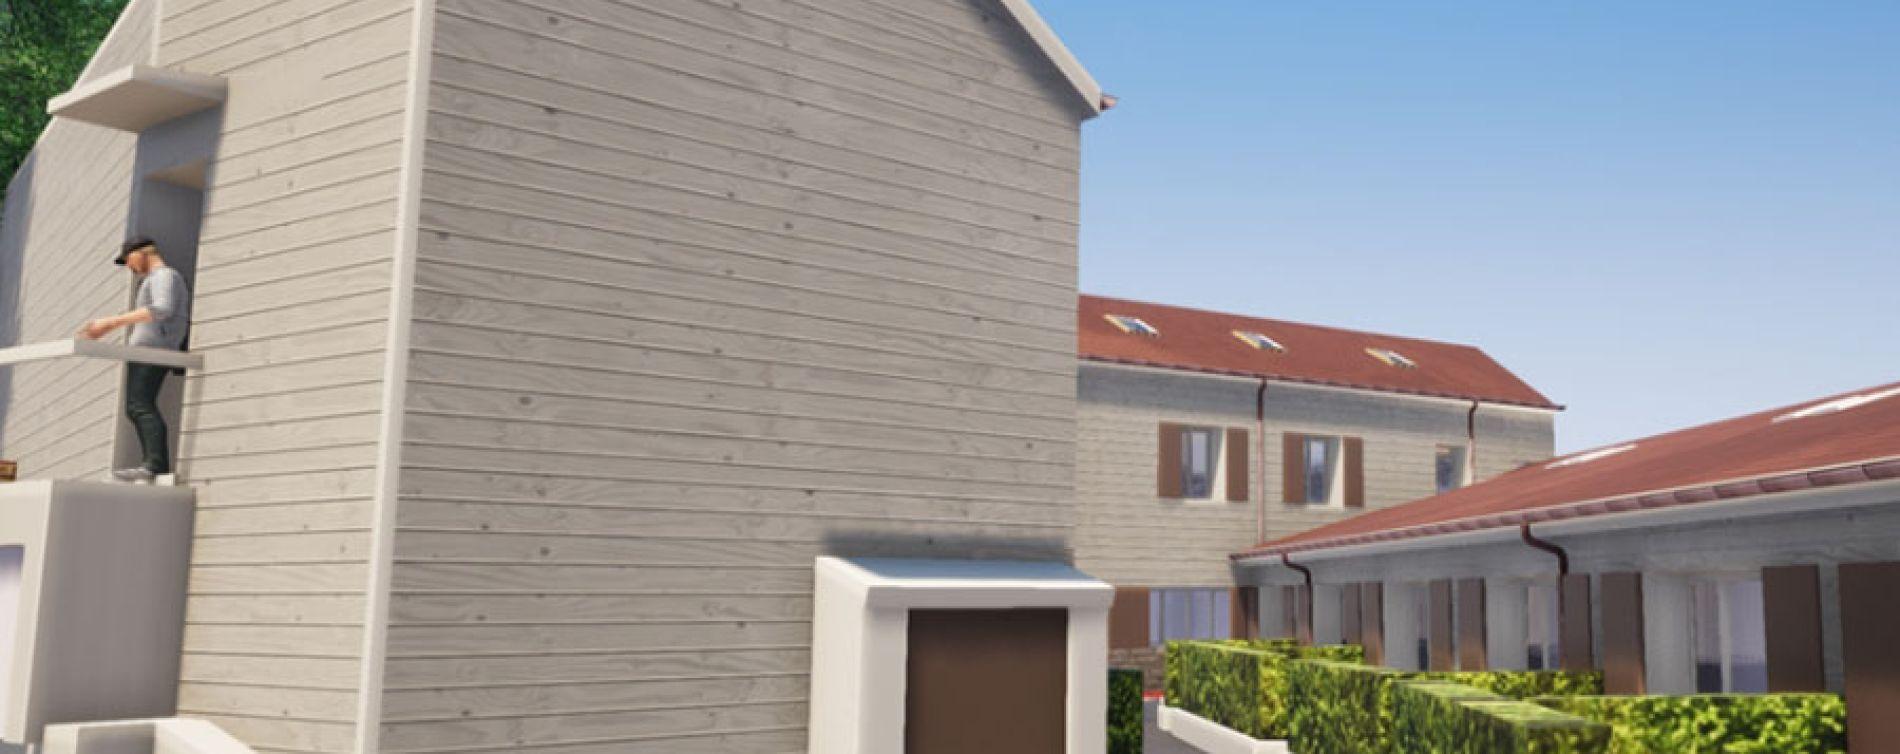 Chelles : programme immobilier à rénover « Bâtiment D - 10 Rue de Gournay » en Déficit Foncier (4)